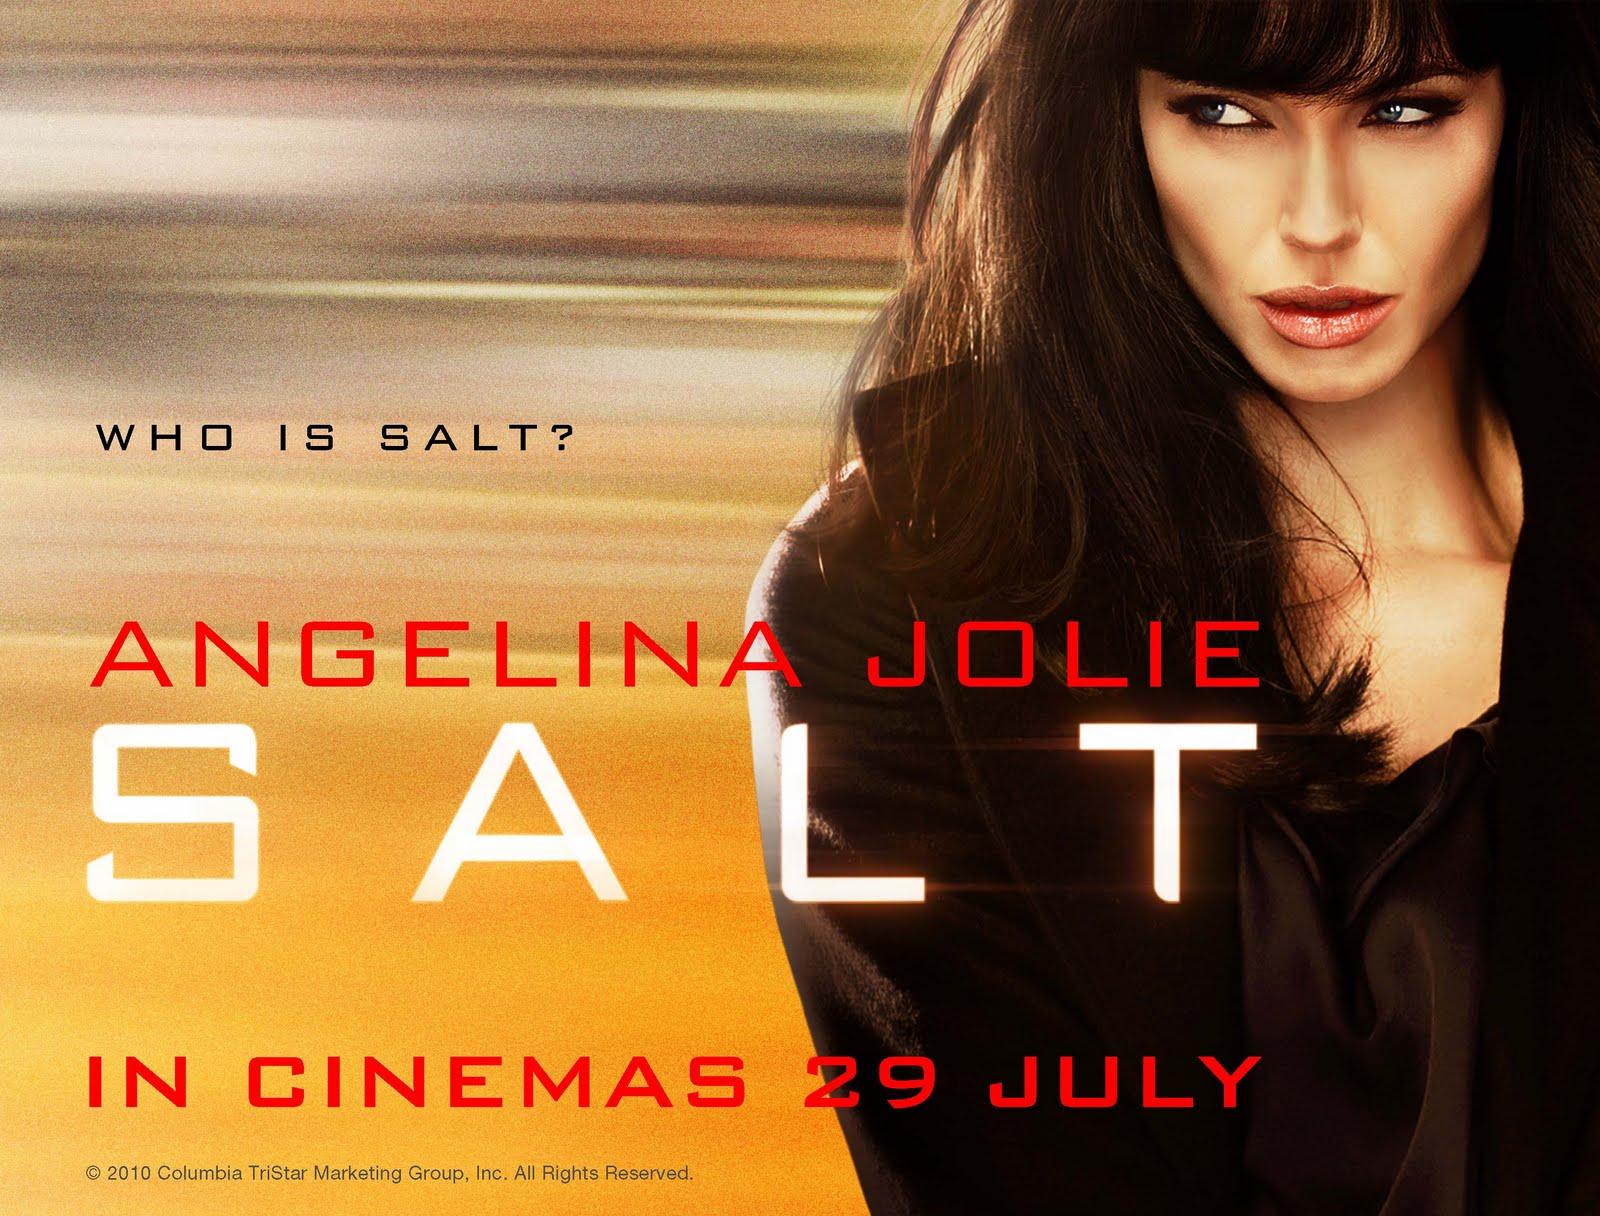 http://4.bp.blogspot.com/_0RTpo3B1zMk/THbu7mdZIzI/AAAAAAAAAnI/pNLt4dbuJgI/s1600/who-is-salt-angelina-jolie-poster.jpg